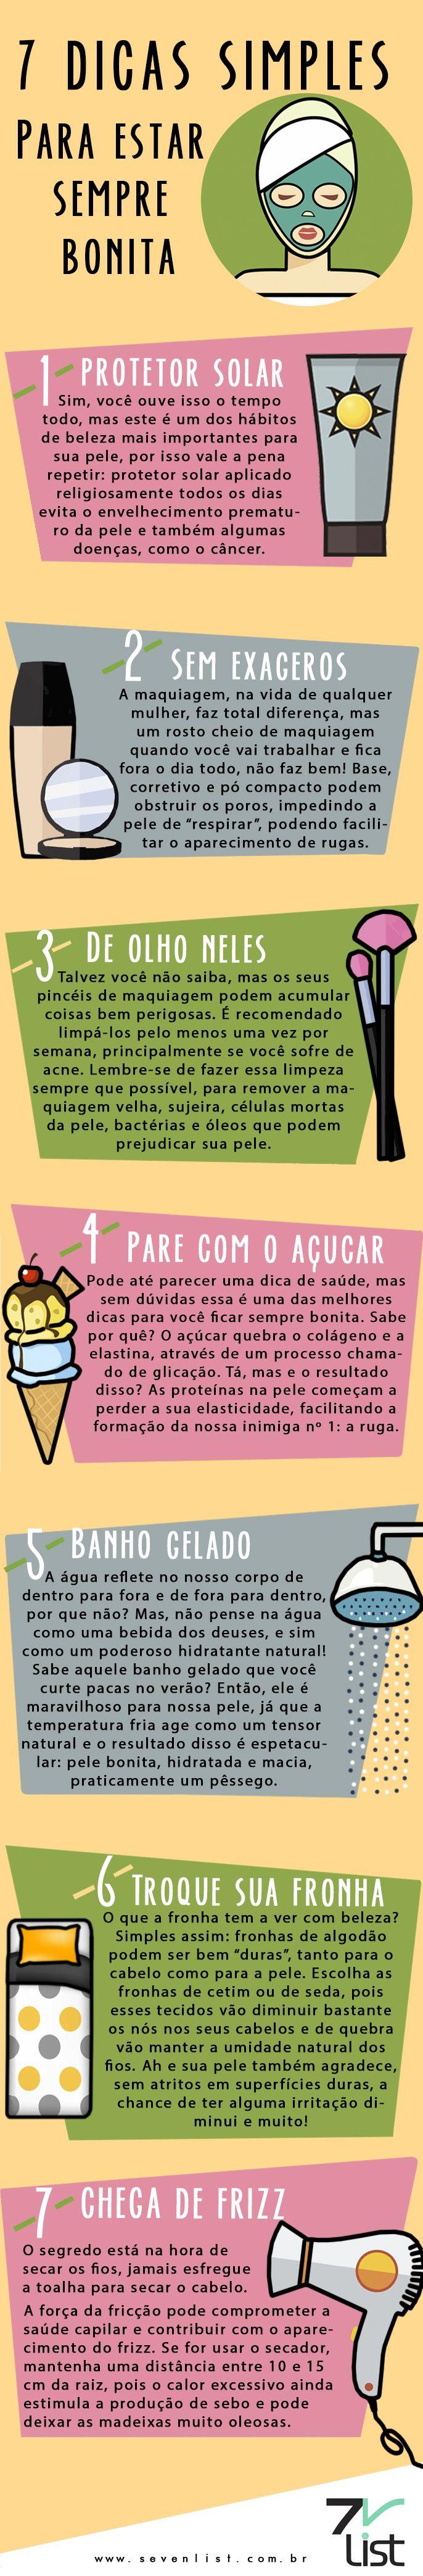 #Beleza #Infográfico #Infographic #Design, #Maquiagem #Makeup #Pele #Skin #Cabelo #Hair #Açúcar #Protetor Solar #Fronha #Pínceismaquiagem #Secador #Dicas #7dicas #Banhogelado www.sevenlist.com.br